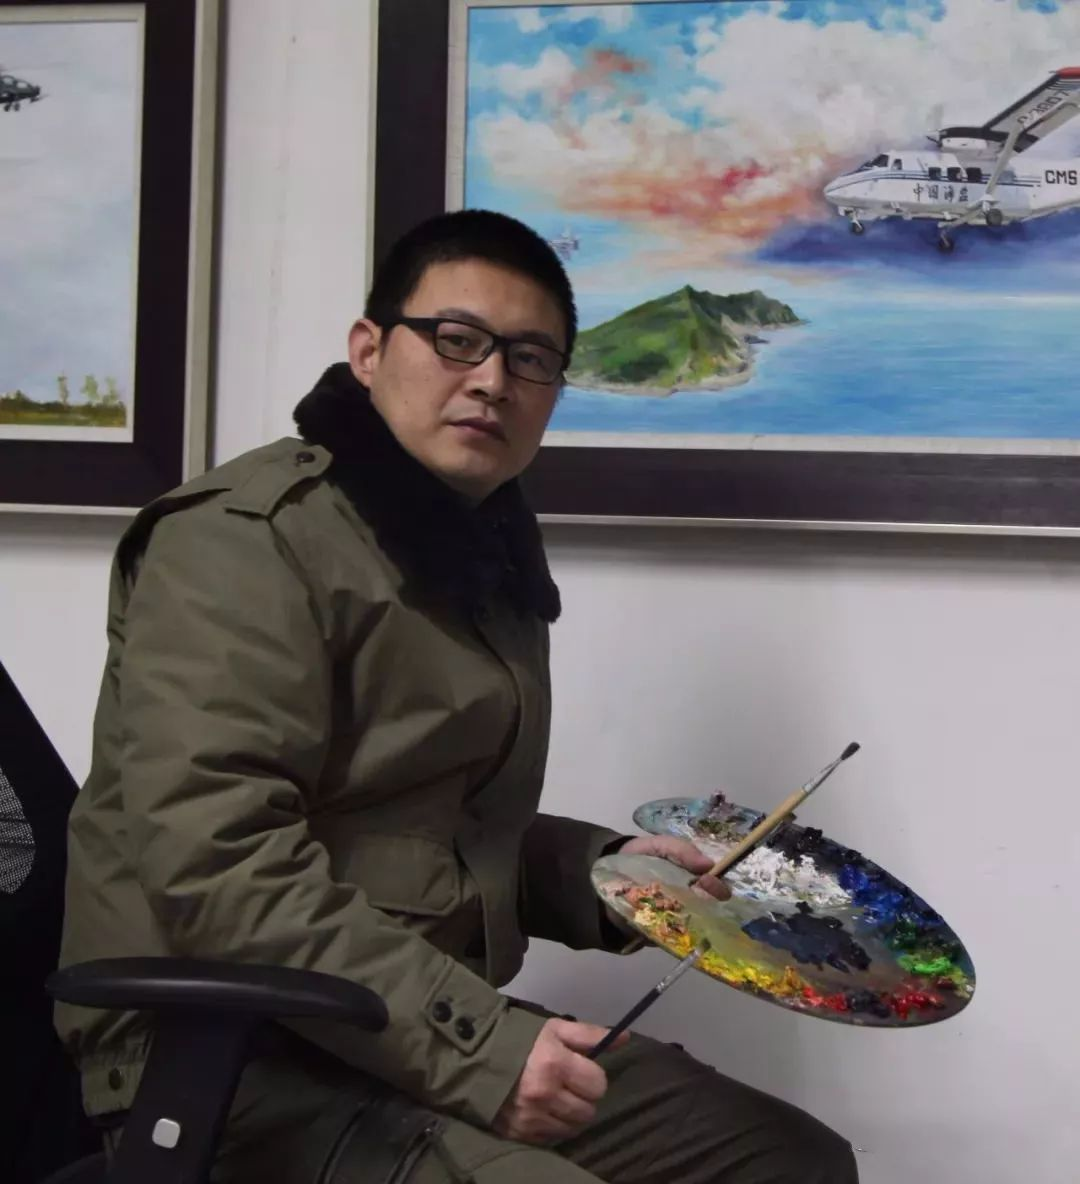 【收藏推荐】聚焦艺术名家作品展——宫浩钦